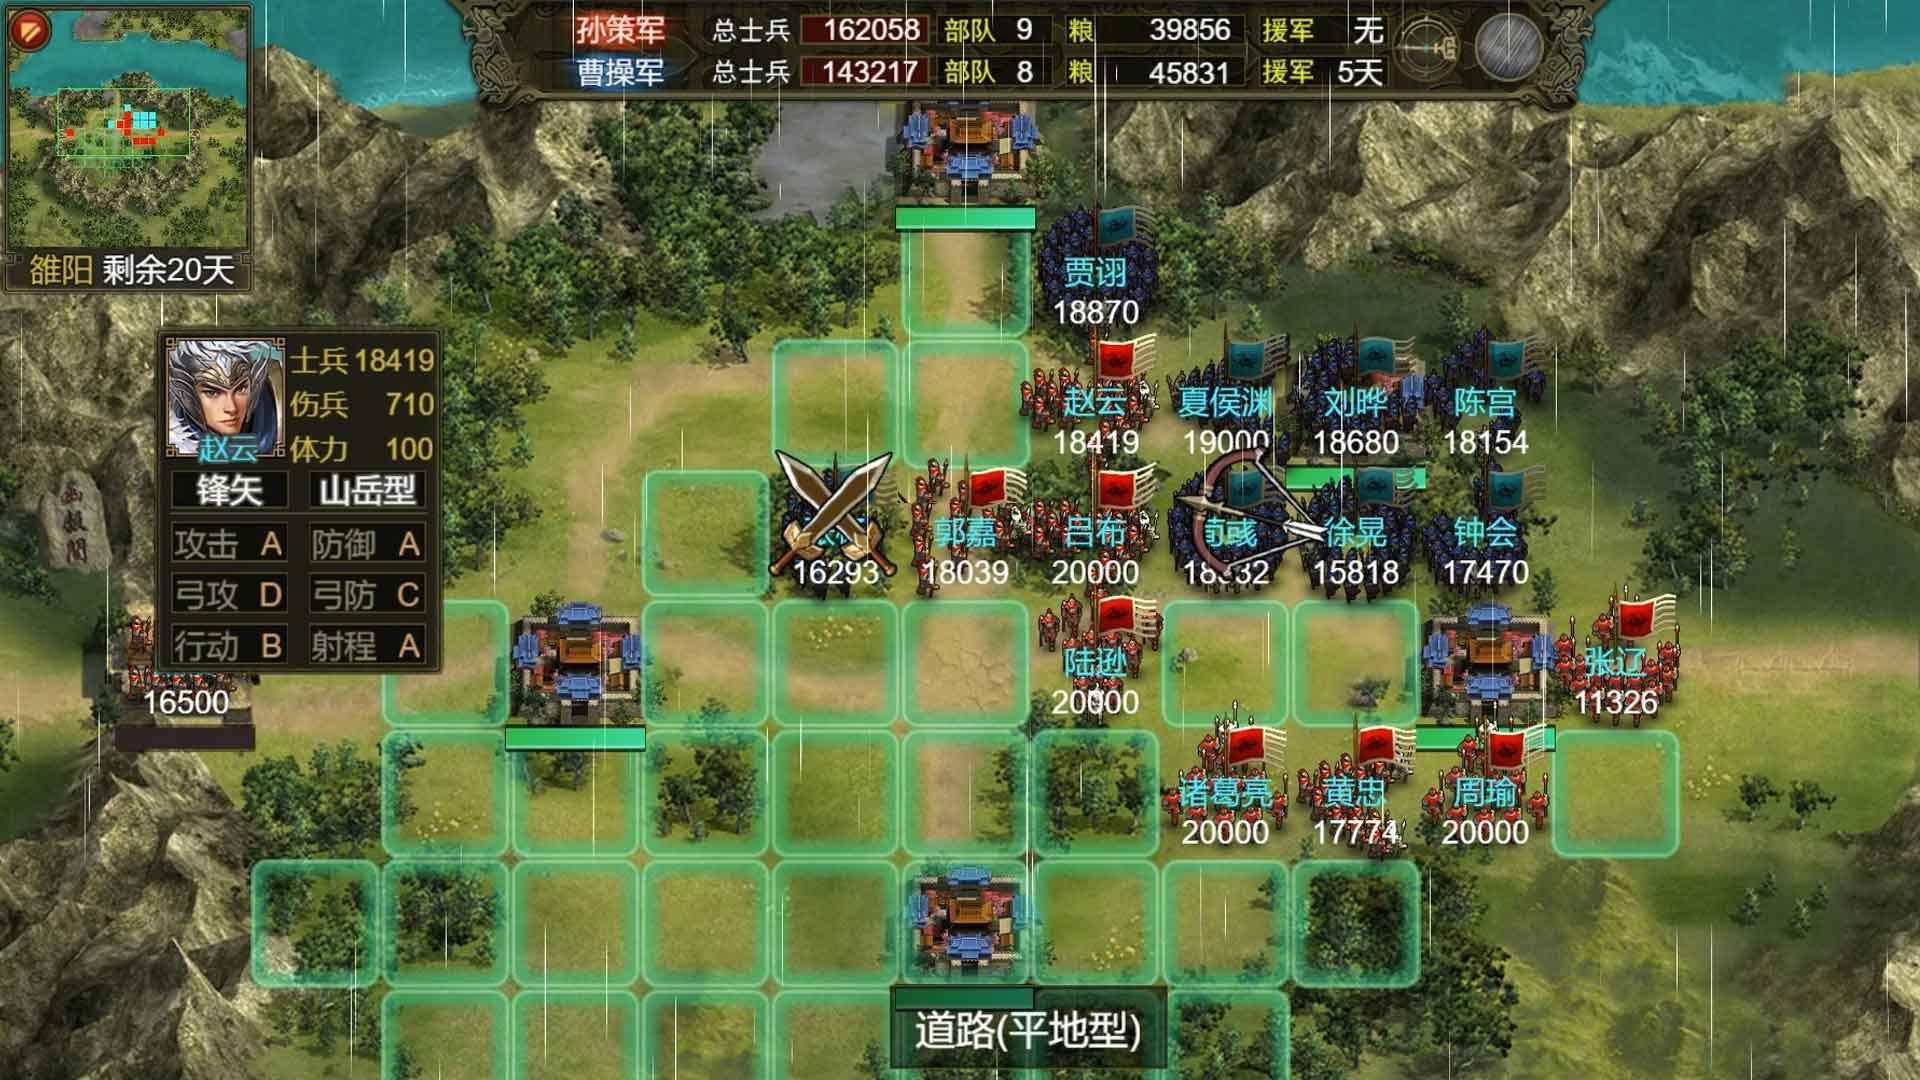 三国志天下布武 游戏截图1